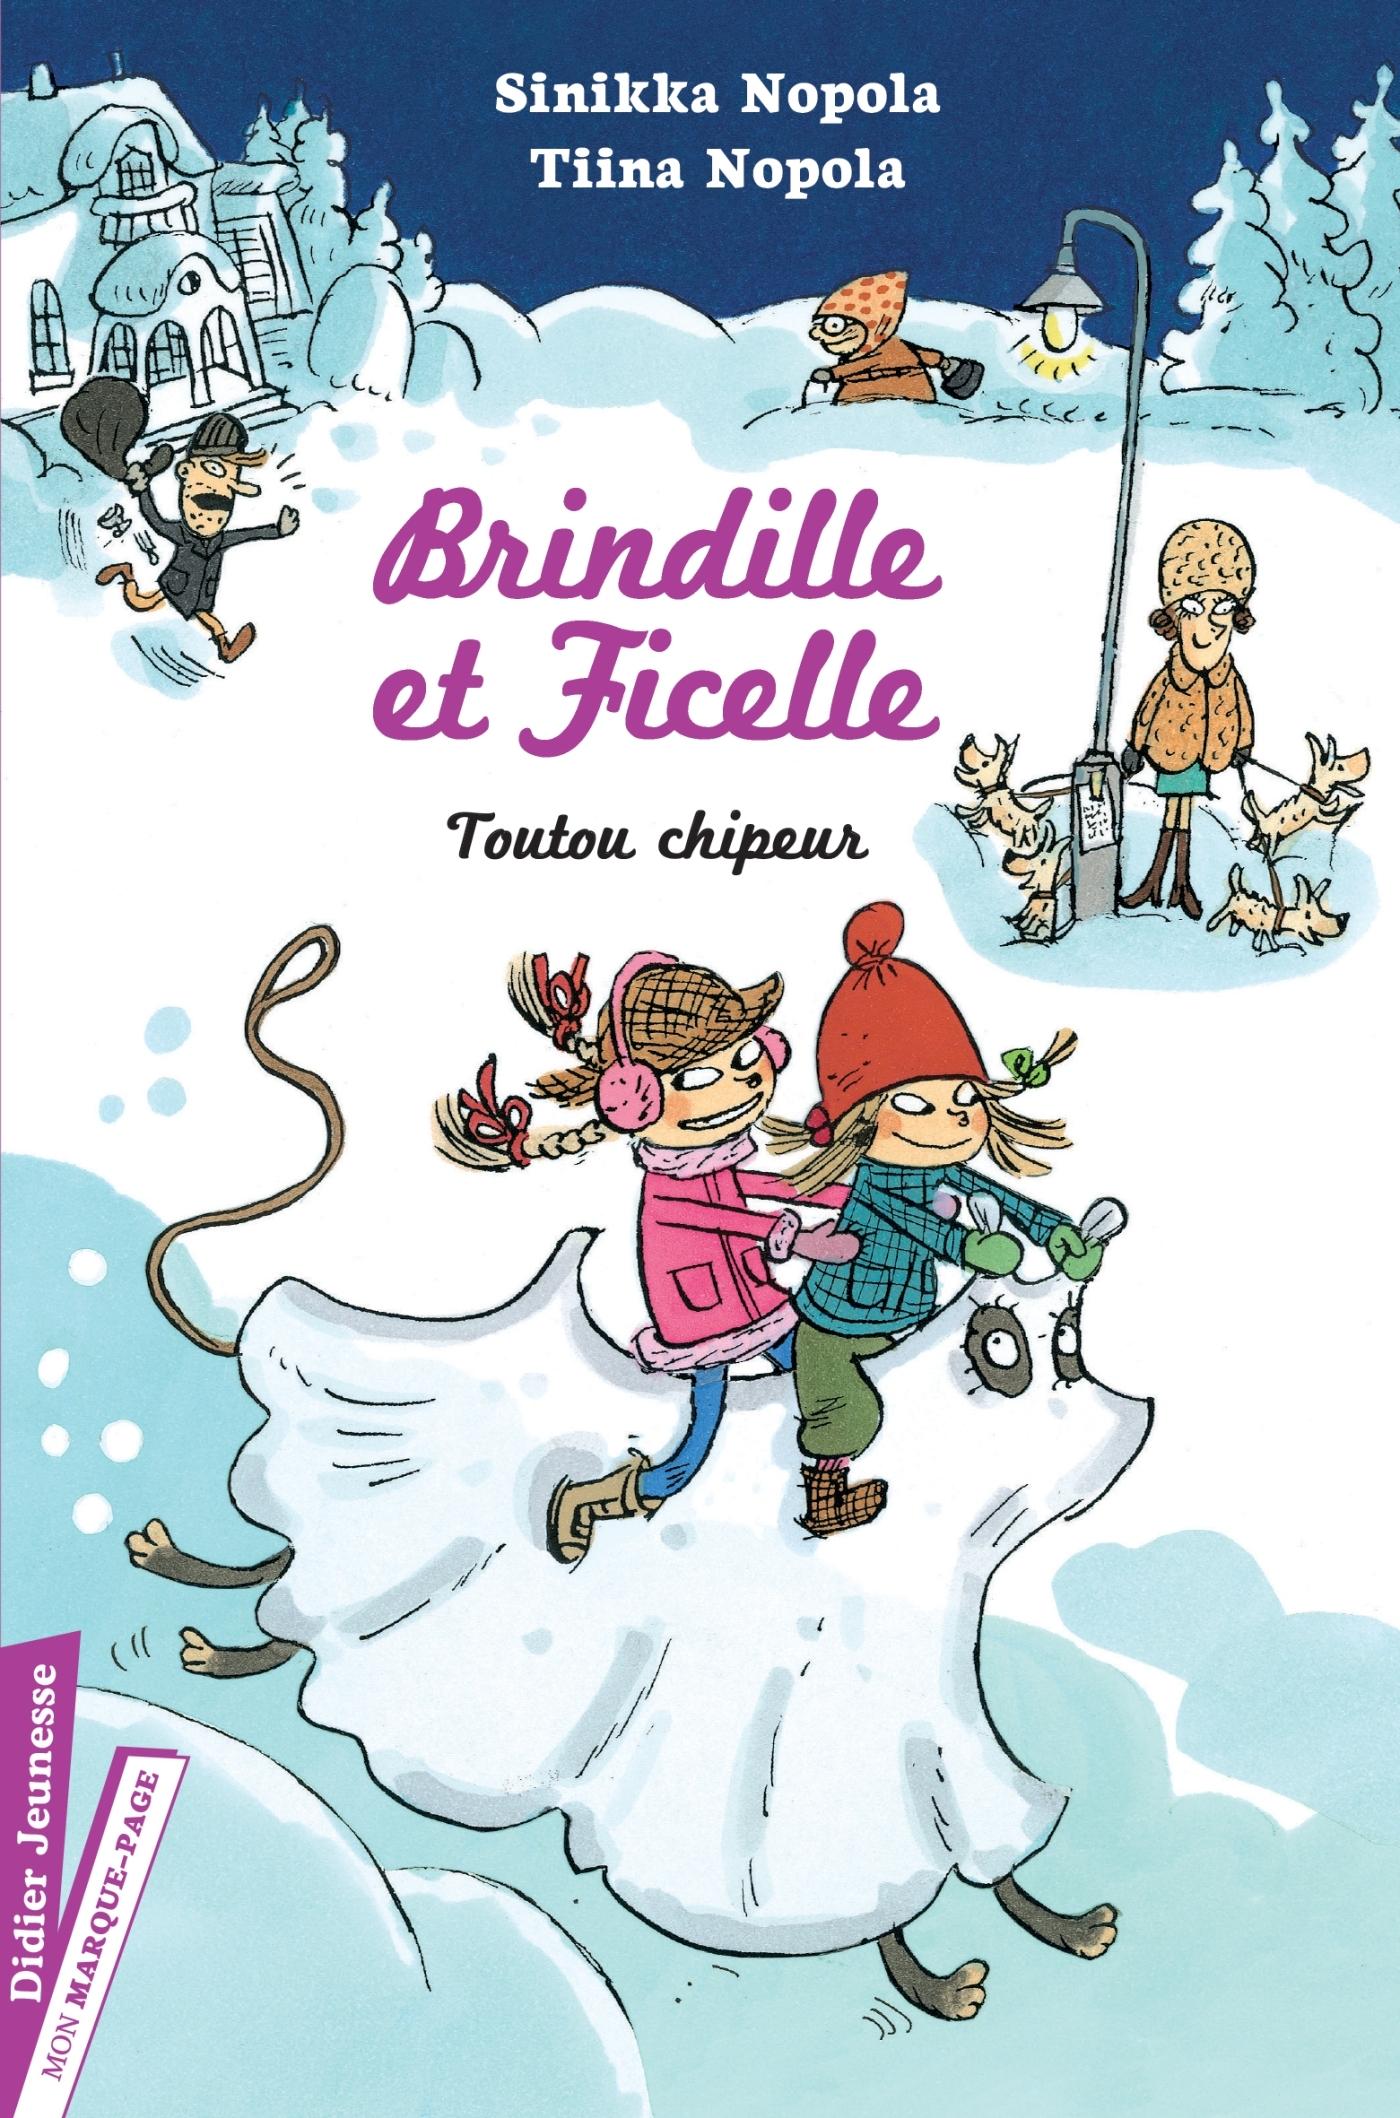 BRINDILLE ET FICELLE, TOUTOU CHIPEUR - TOME 3